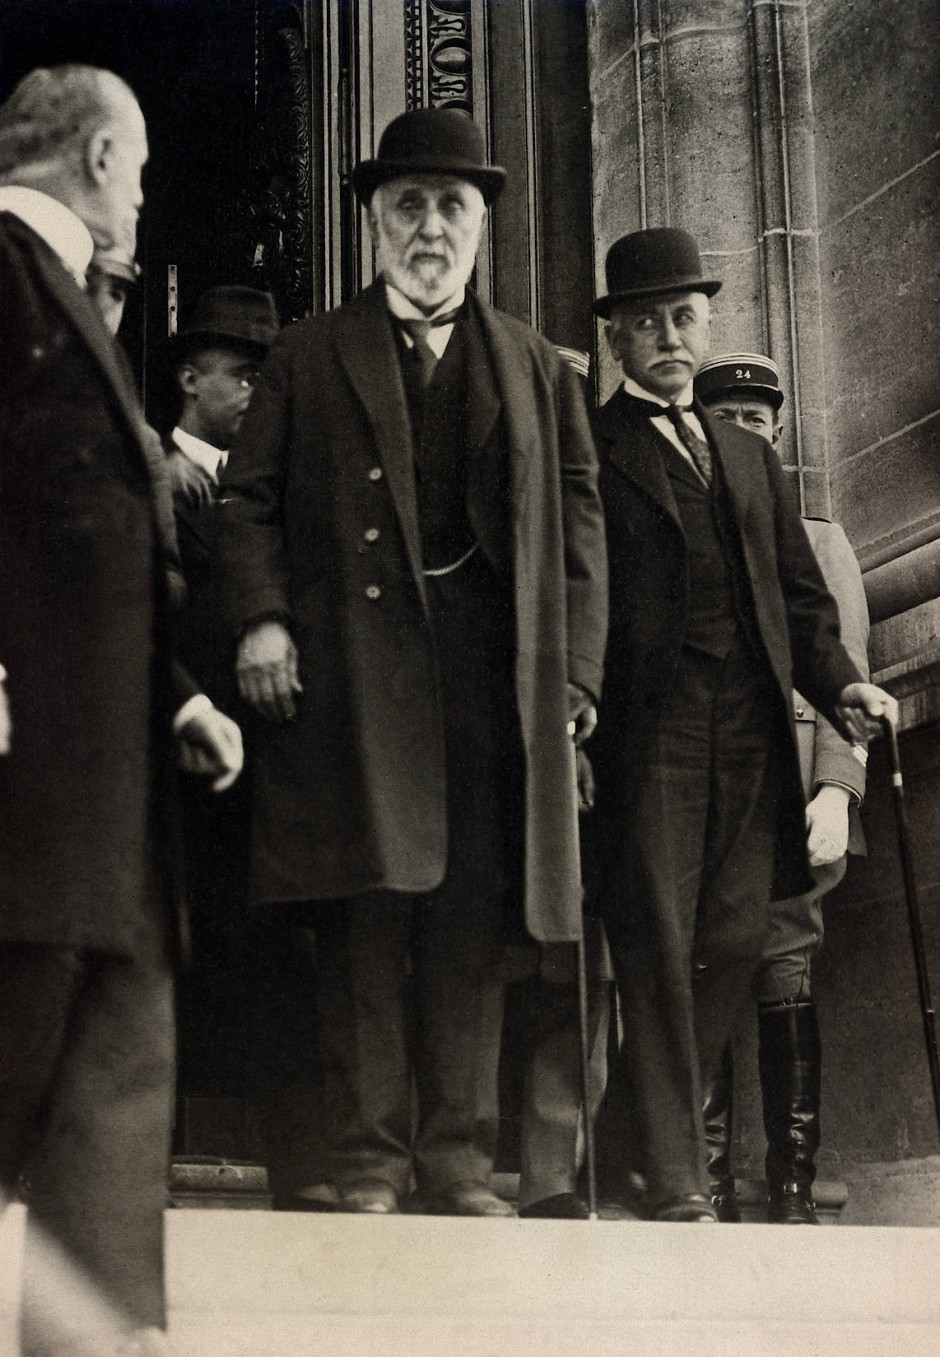 67 Delegierte aus alle Herren Länder unterschrieben den Vertrag, mit dabei: Tewfik Pascha, letzter Großwesir des Osmanischen Reiches.